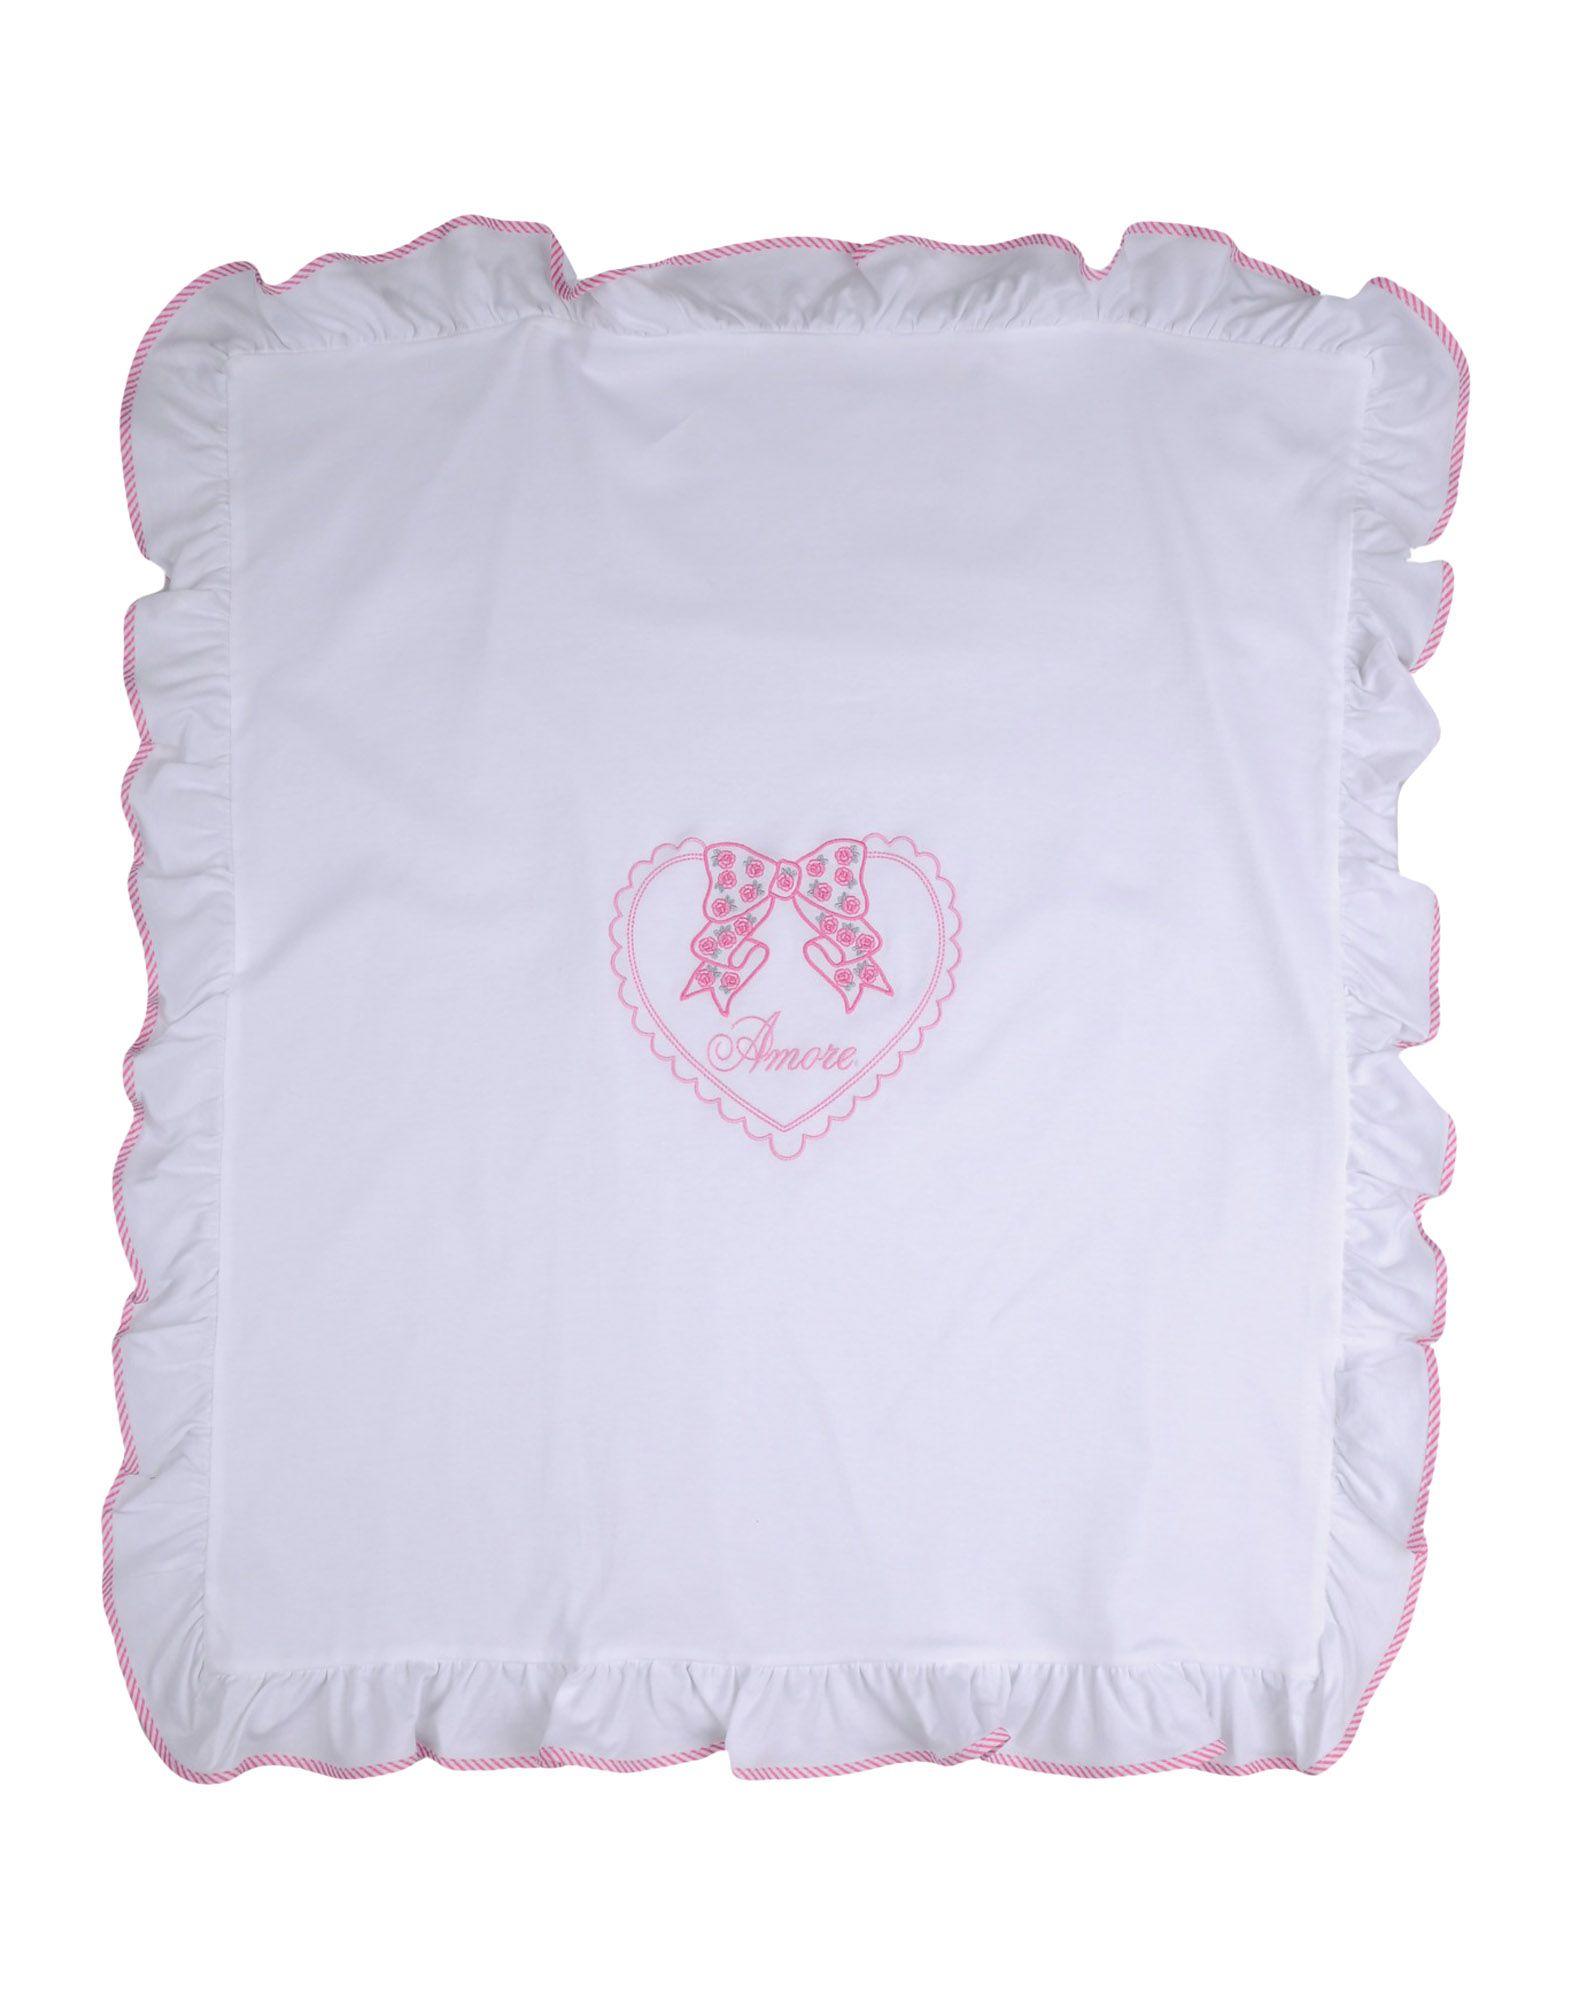 ALETTA Одеяльце для младенцев simon mignon одеяльце для младенцев